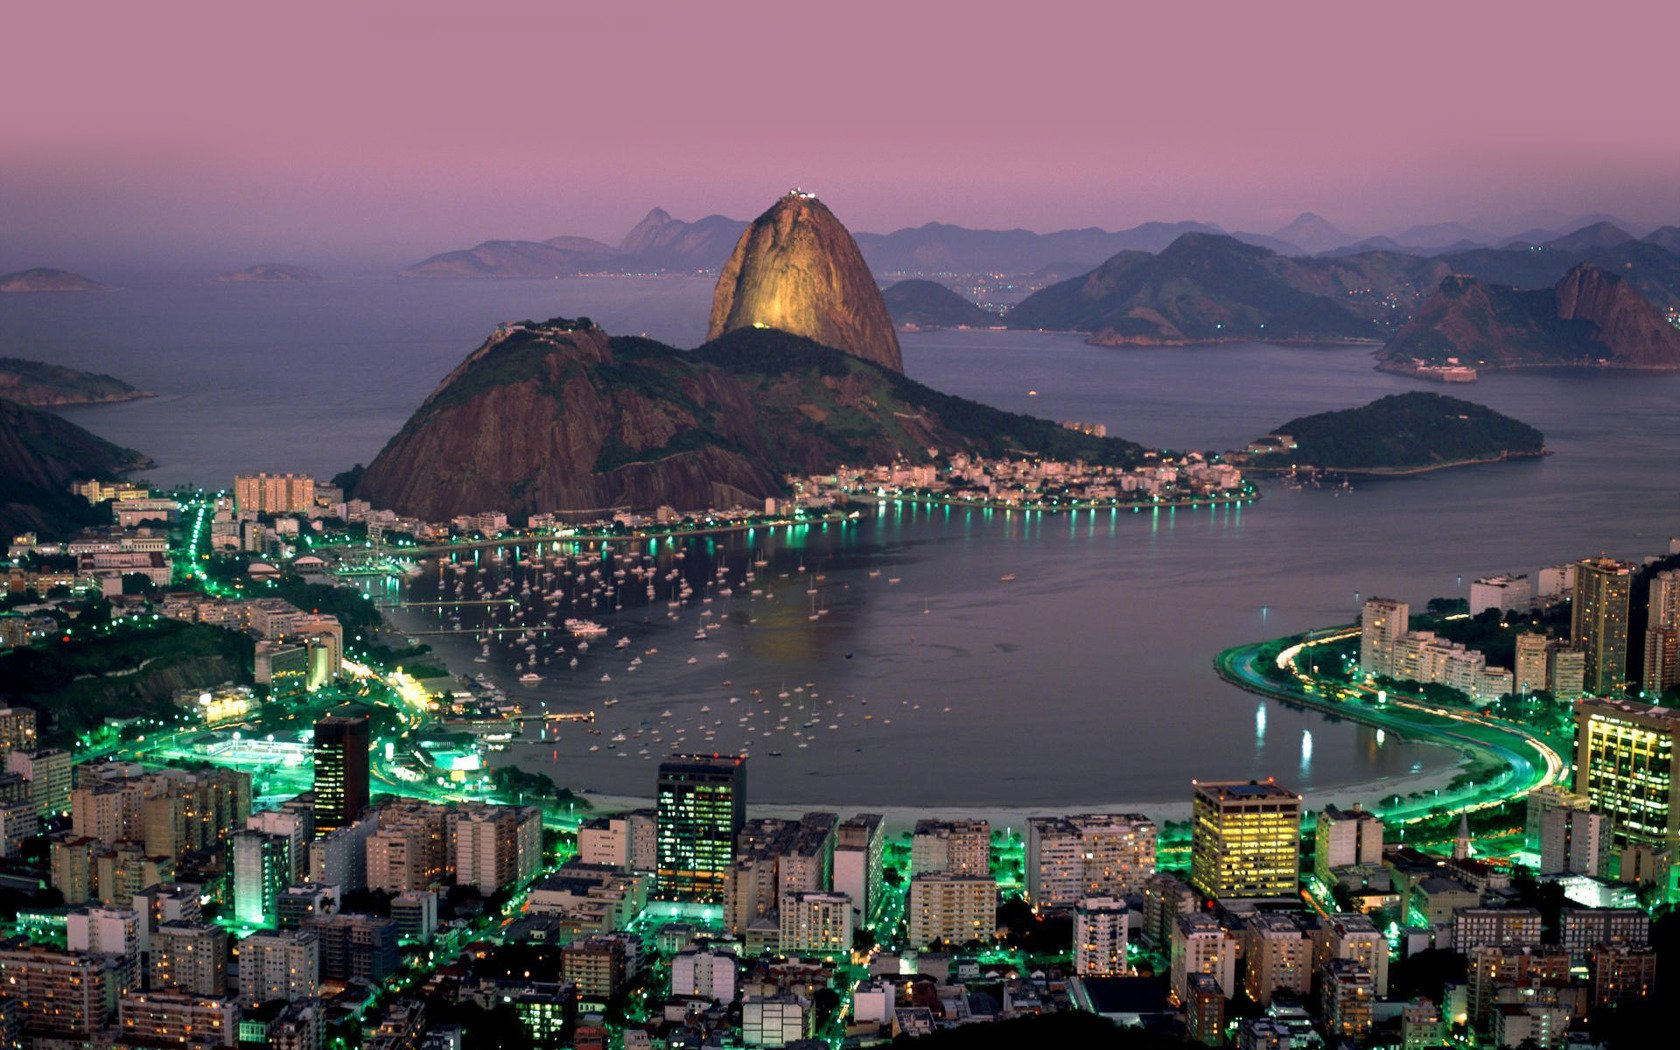 Rio de Janeiro wallpaper 14330 1680x1050